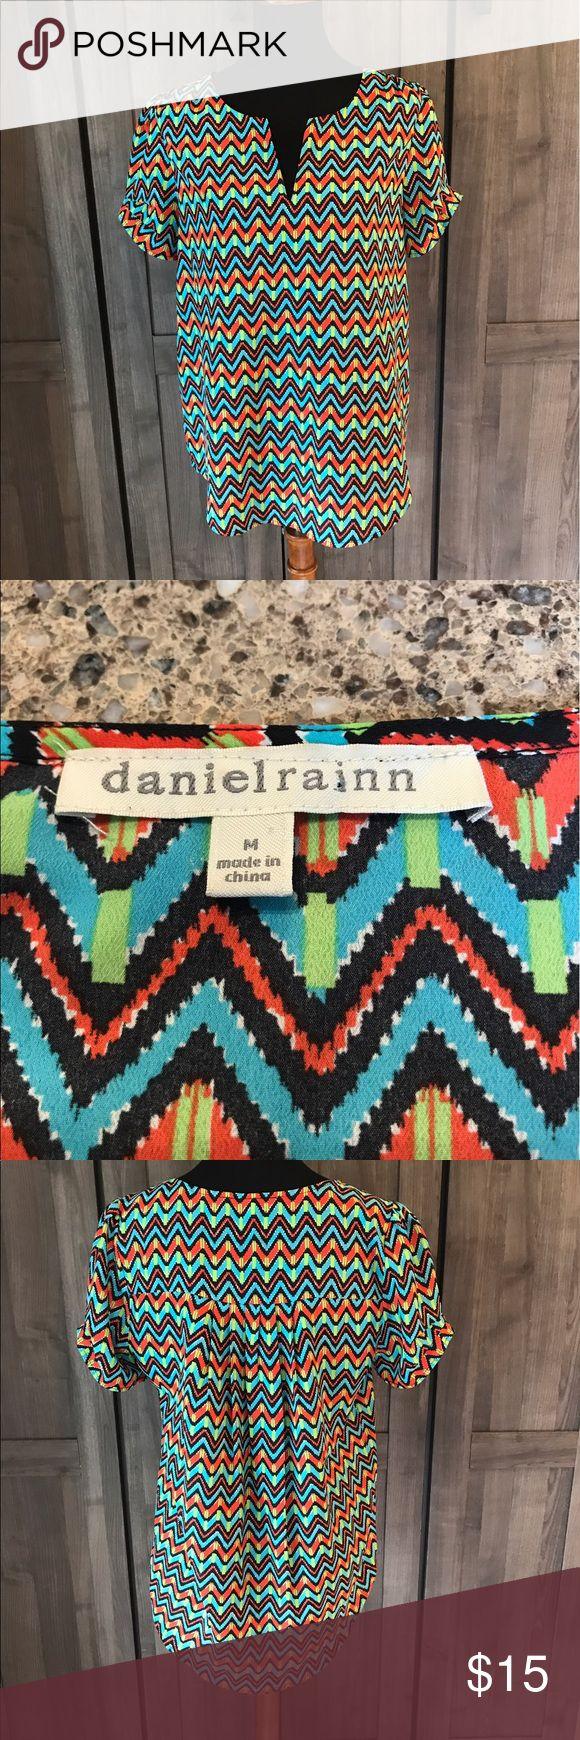 Chevron Blouse Daniel rainn chevron blouse. Size medium. Daniel Rainn Tops